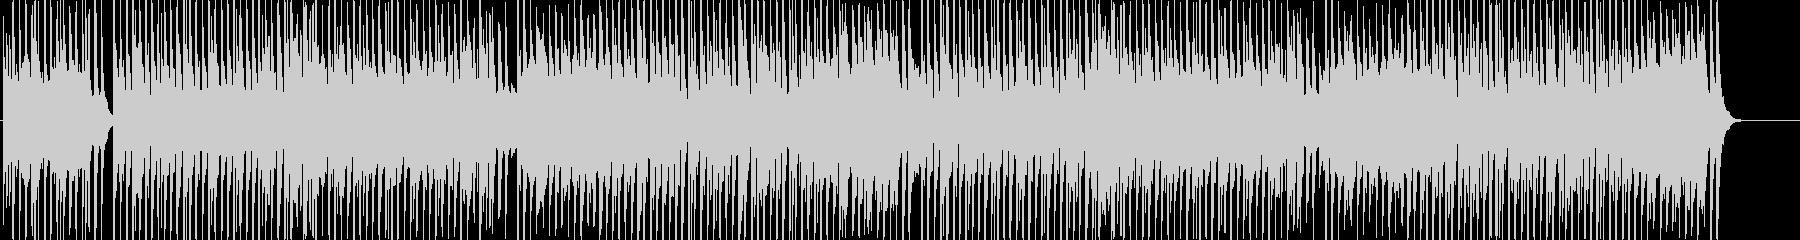 アルゼンチンタンゴのスタンダードの未再生の波形